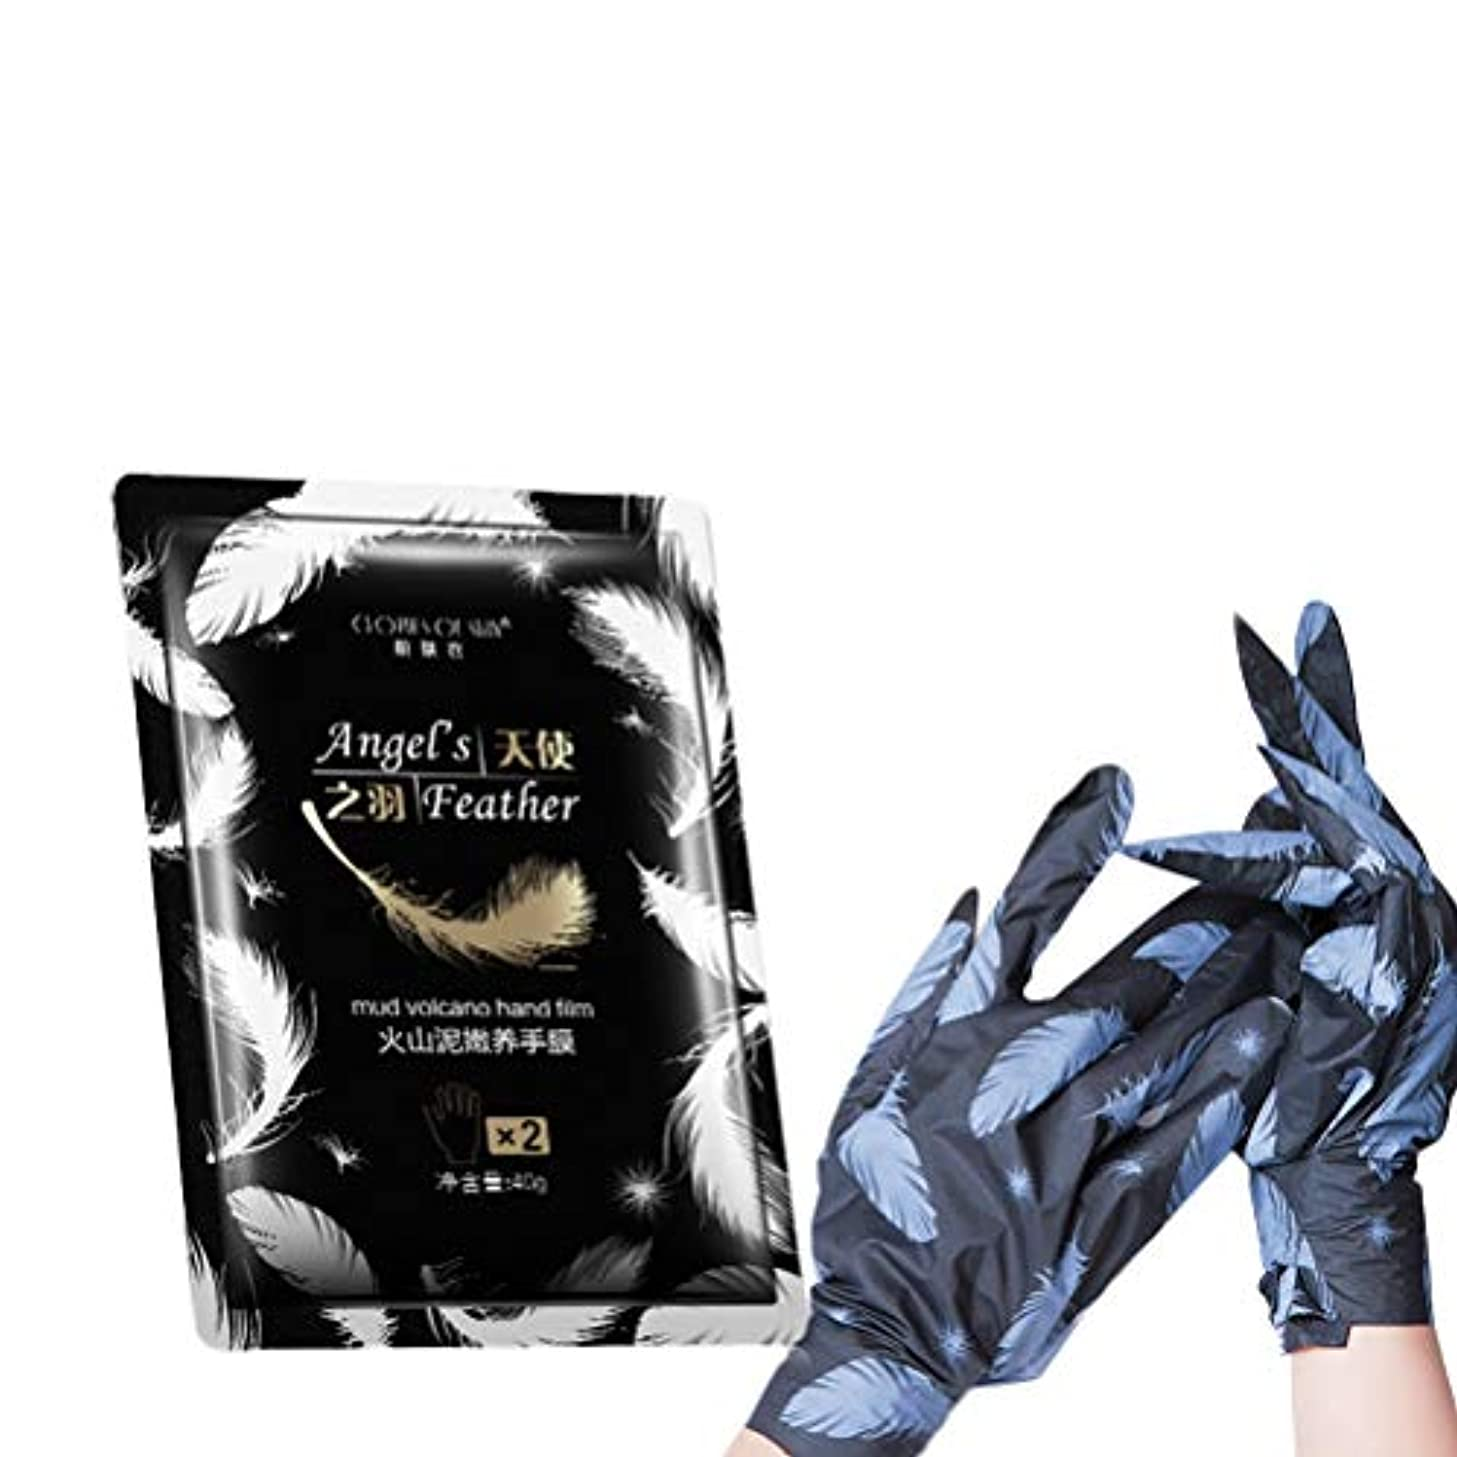 道を作るモナリザ詐欺師Healifty ハンドマスク保湿1対の火山泥ハンドマスクホワイトニング剥離ハンドスパマスクキューティクル取り外し手袋